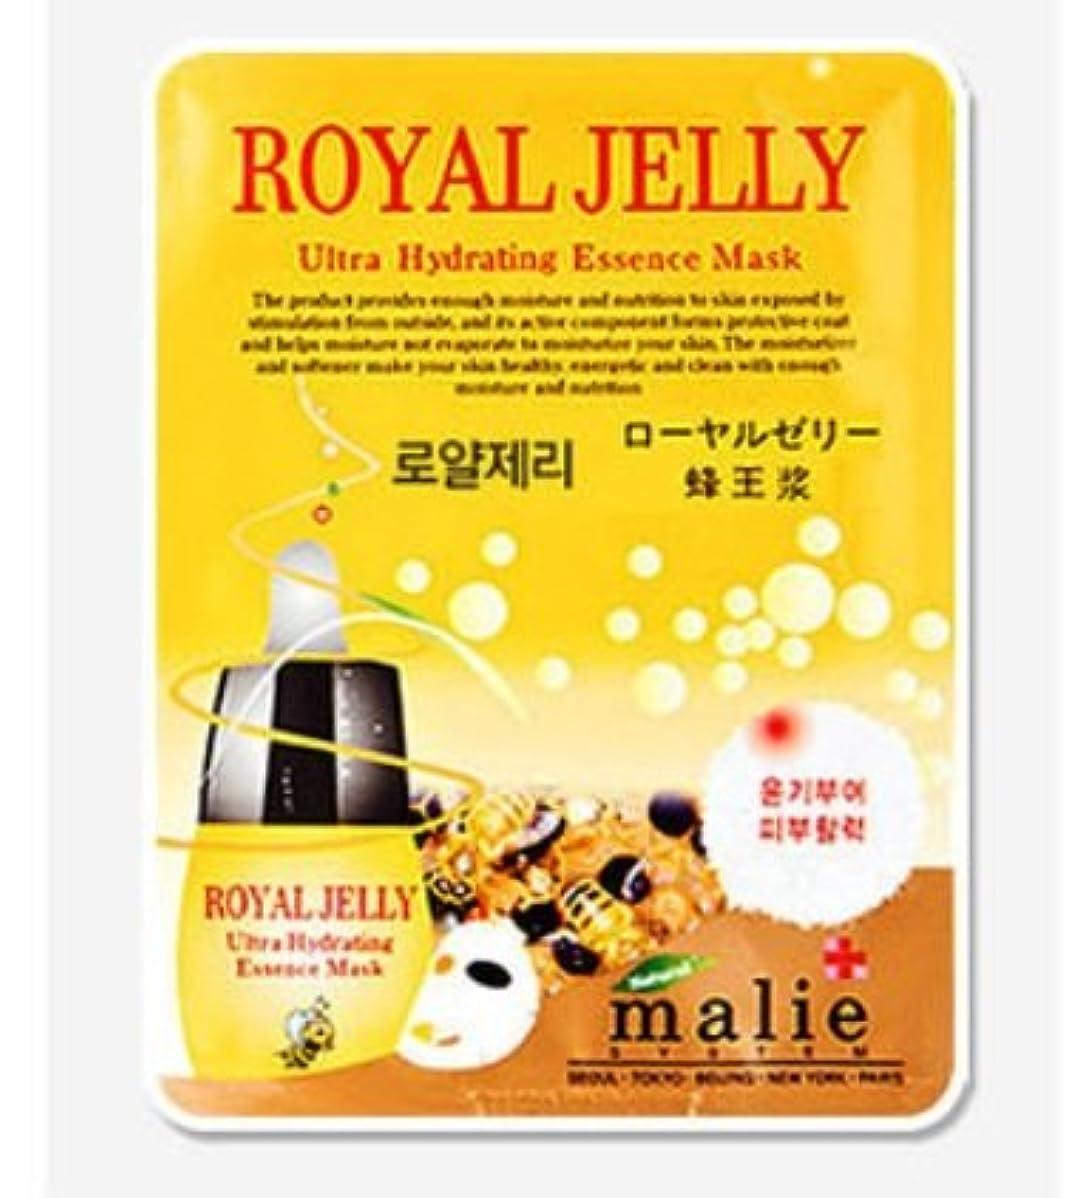 列車雪だるま不足[MALIE] まりえローヤルゼリーウルトラ?ハイドレーティング?エッセンスマスク25gX10枚 / Malie Royal Jelly Ultra Hydrating Essence Mask [並行輸入品]